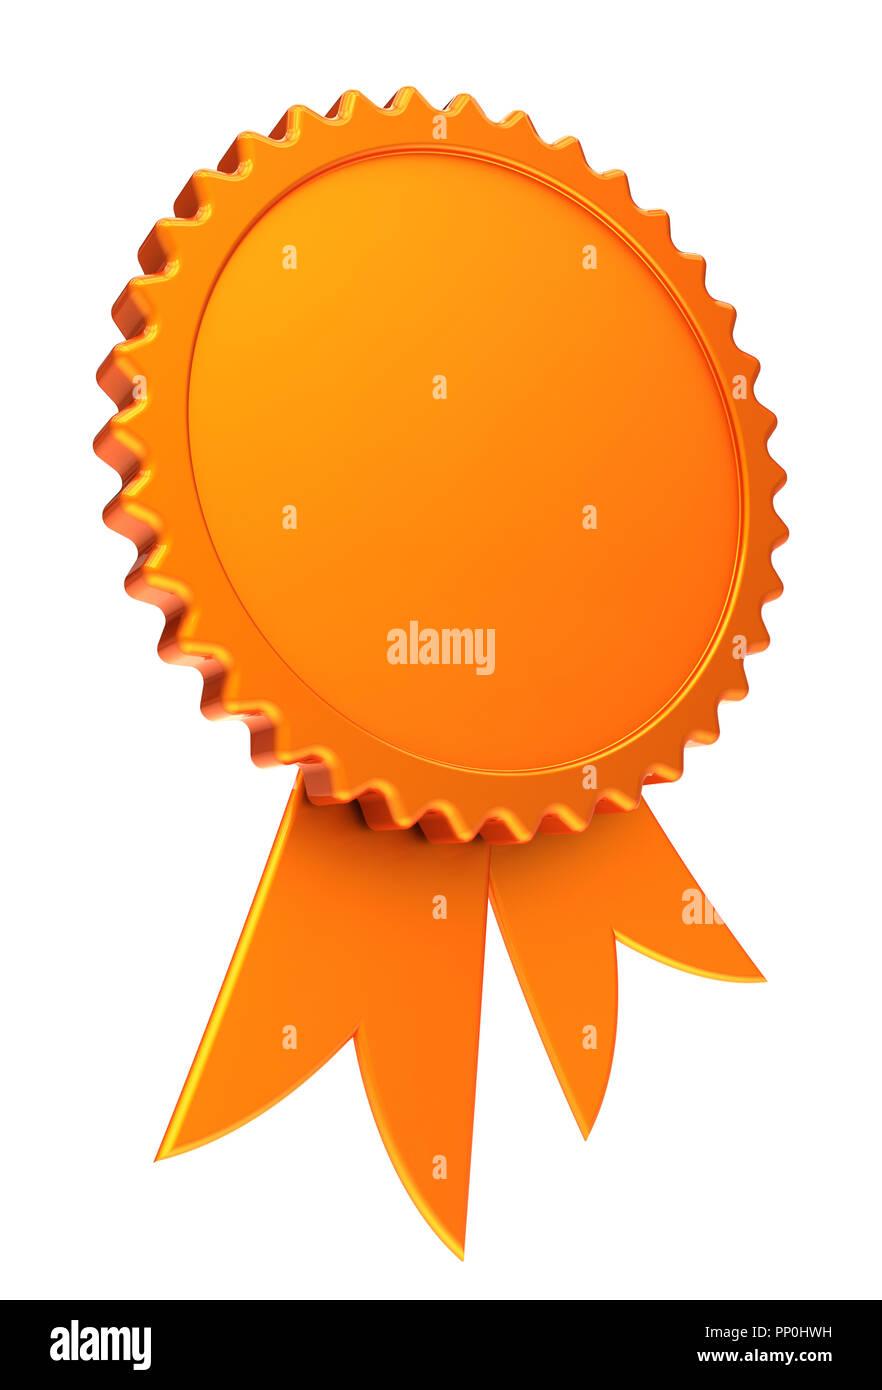 Award Ribbon Golden Reward Medal Rosette Blank Achievement Badge